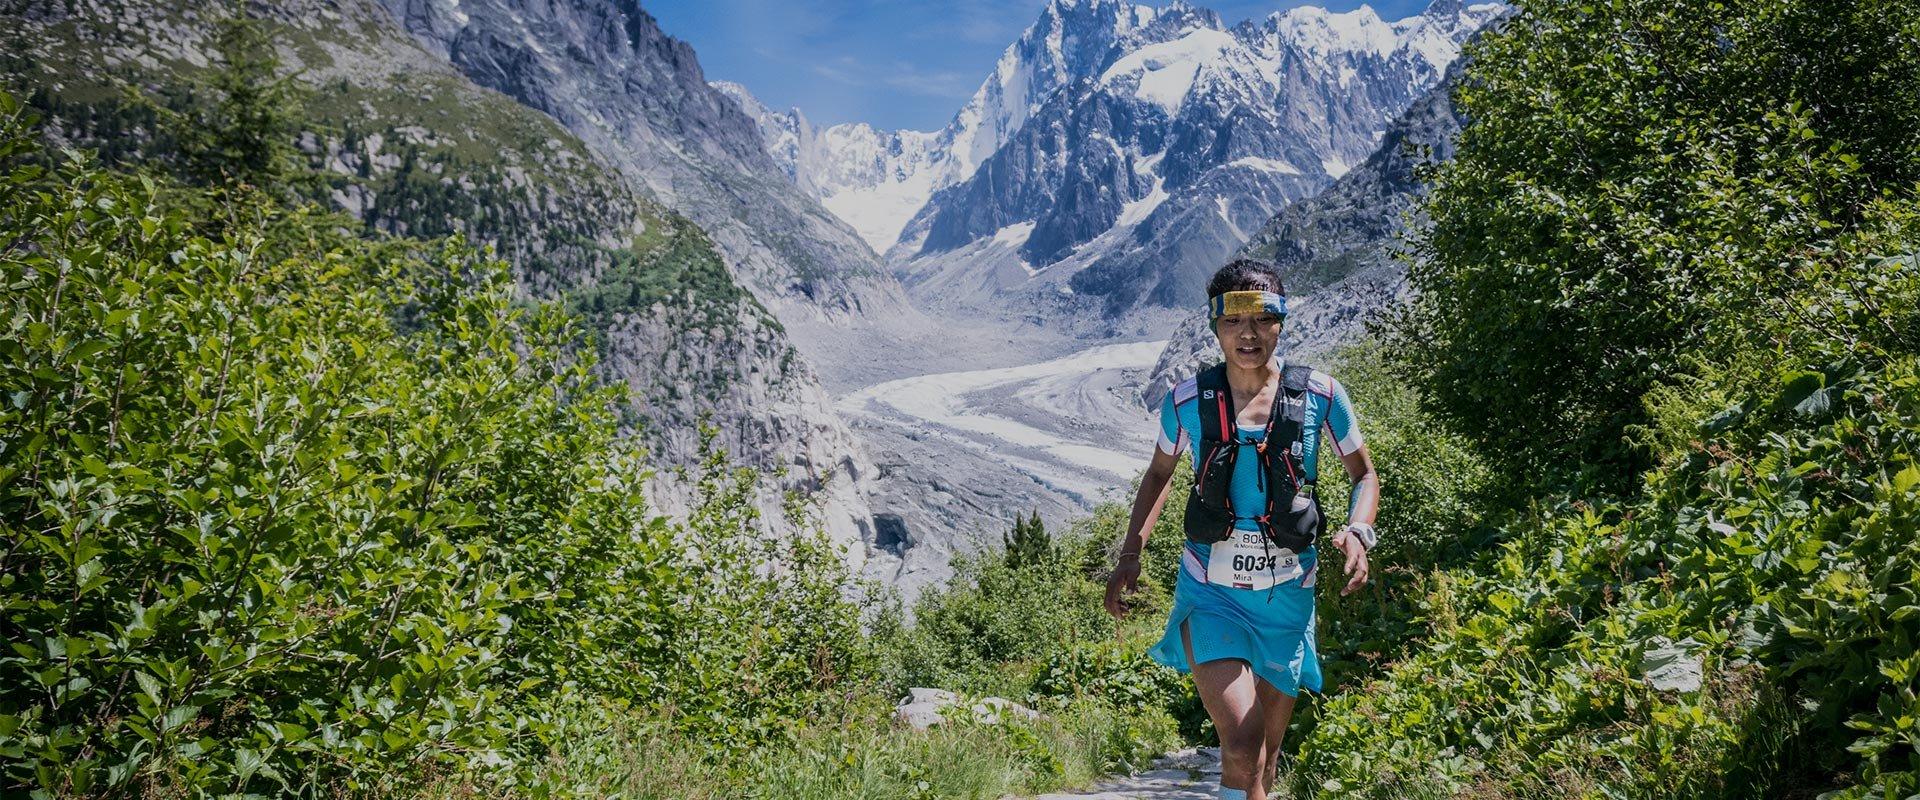 vimff trail running title bg